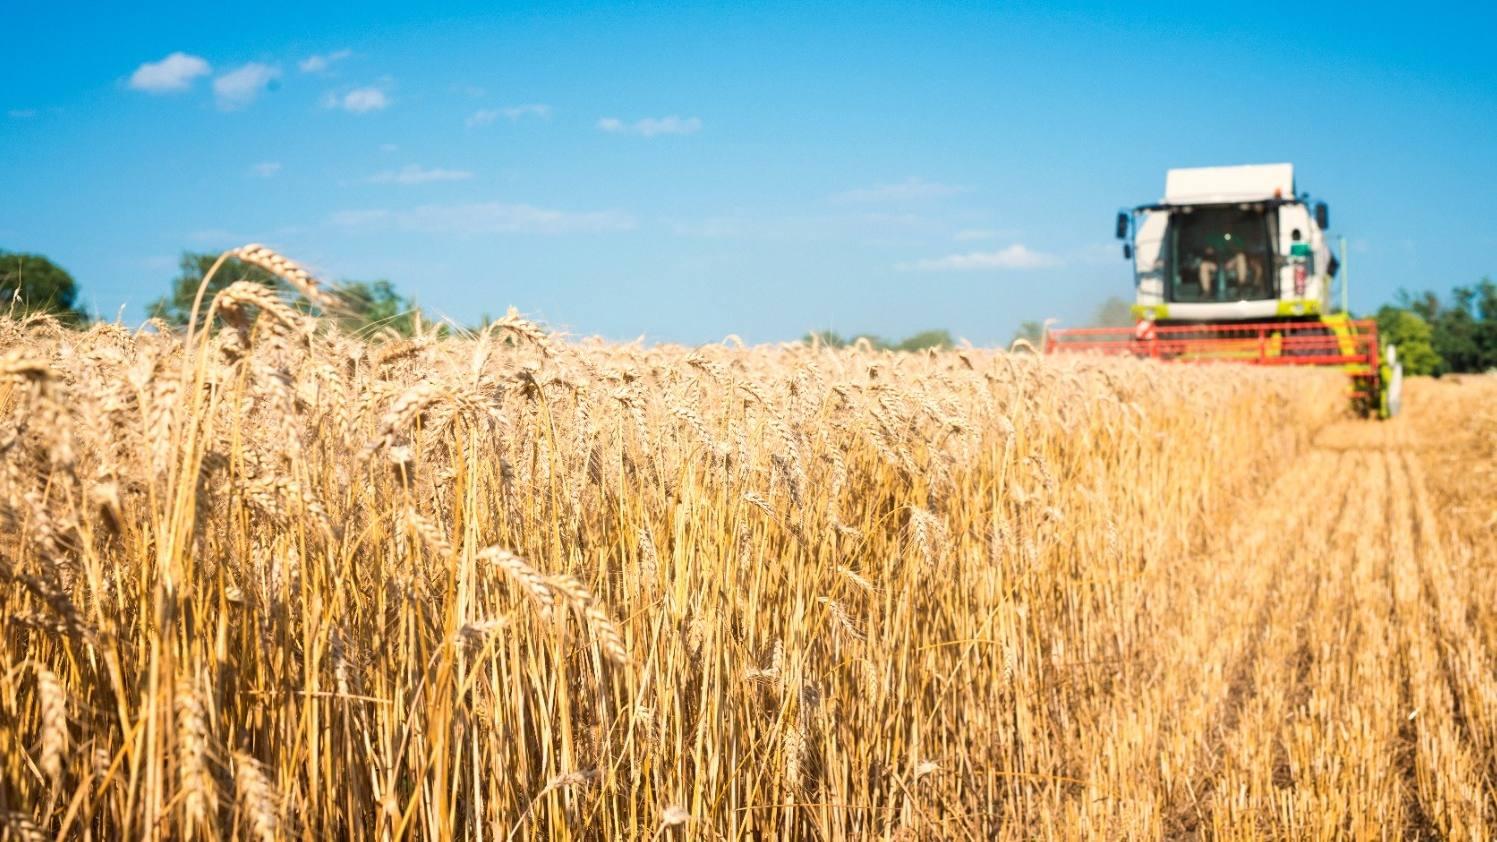 Минсельхоз РФ предоставит экспортерам в сфере АПК субсидии на сертификацию продукции для внешних рынков